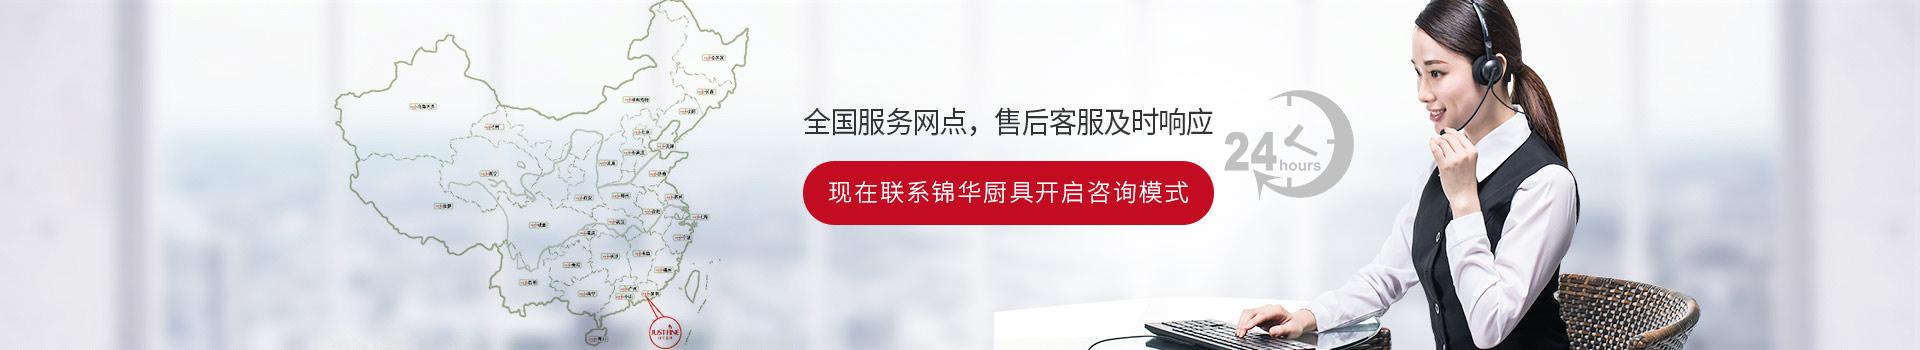 锦华厨具-全国服务网点布局,售后客服及时响应